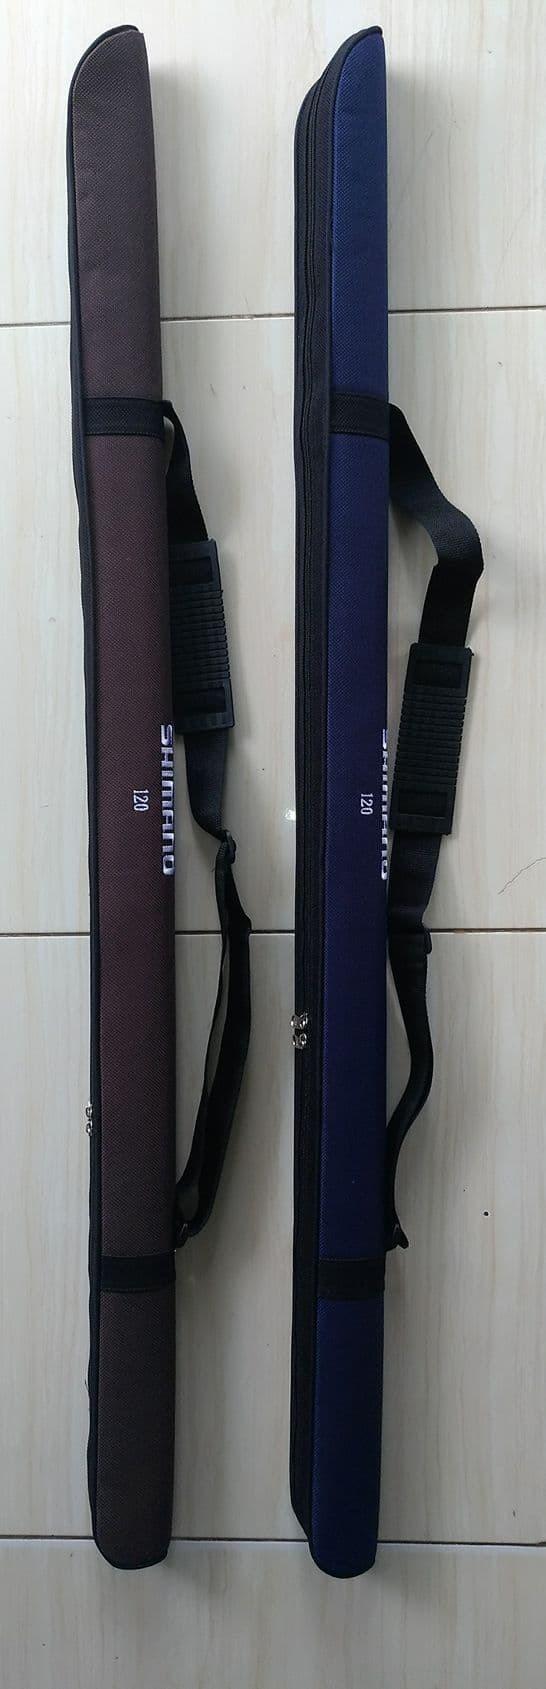 harga Tas pancing (rod pack shimano, tas joran #120cm) Tokopedia.com